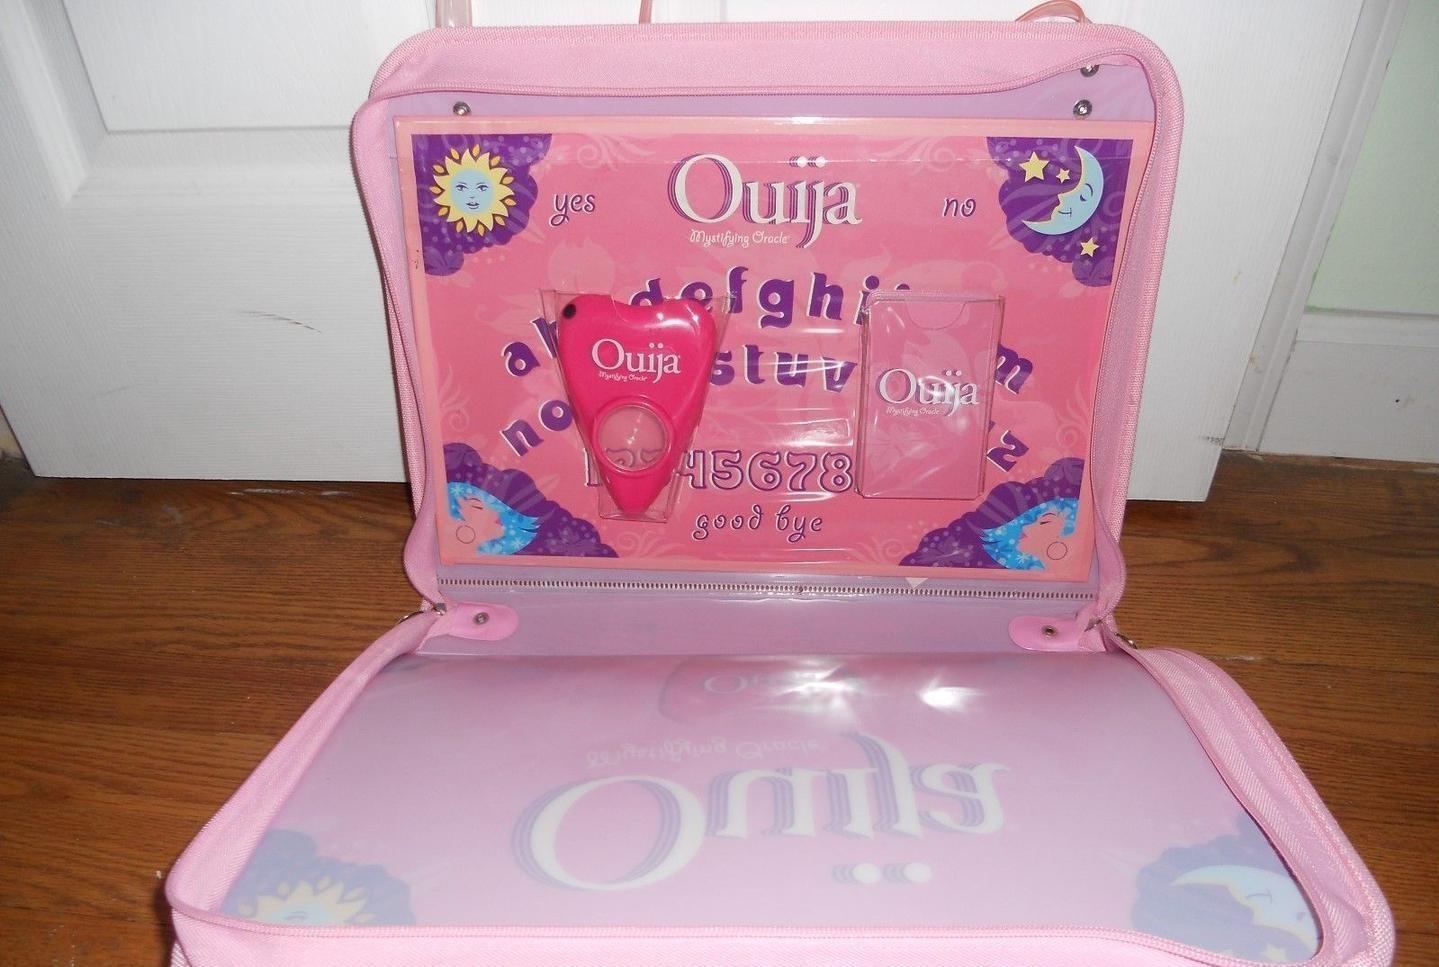 ouija-board-pink-hasbro-mystifying_1_8abf338cd9333604c70f931e512ac8cd (2)